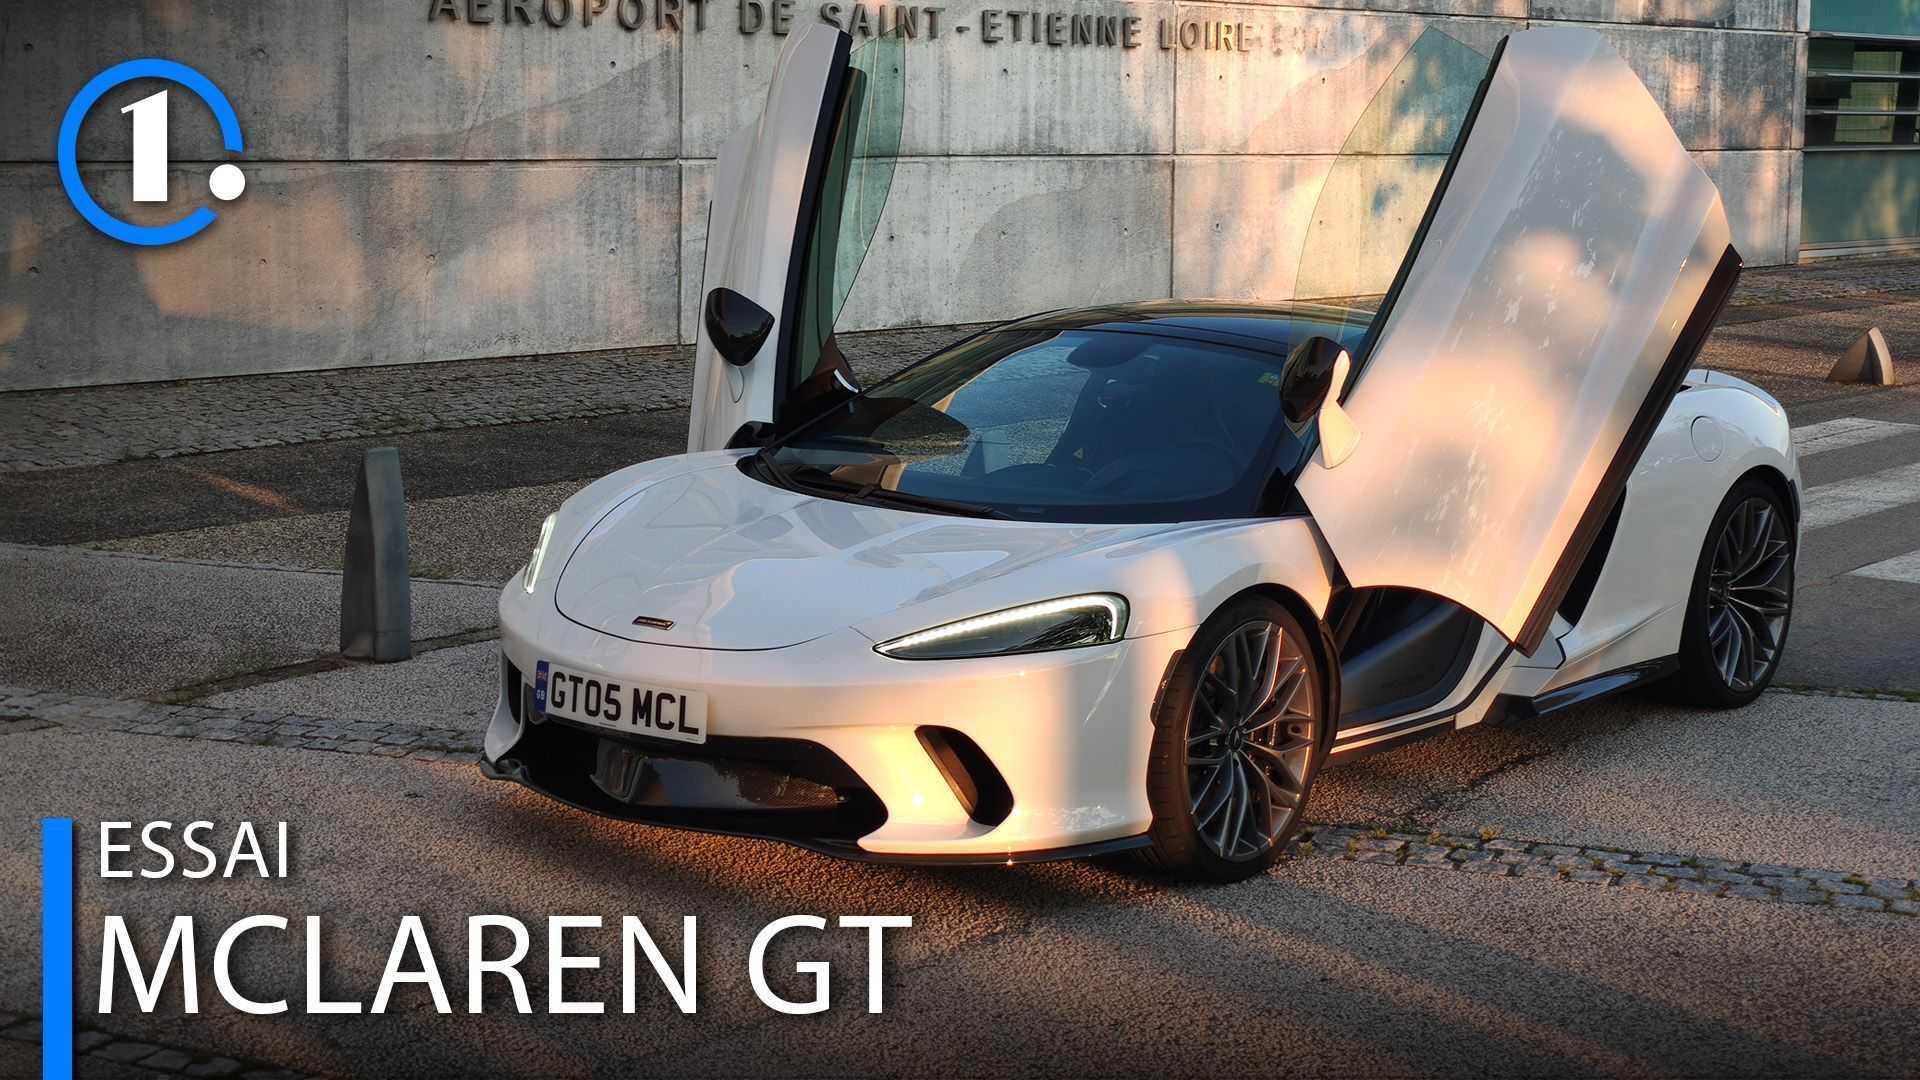 Essai McLaren GT (2021) - Plus supercar que GT